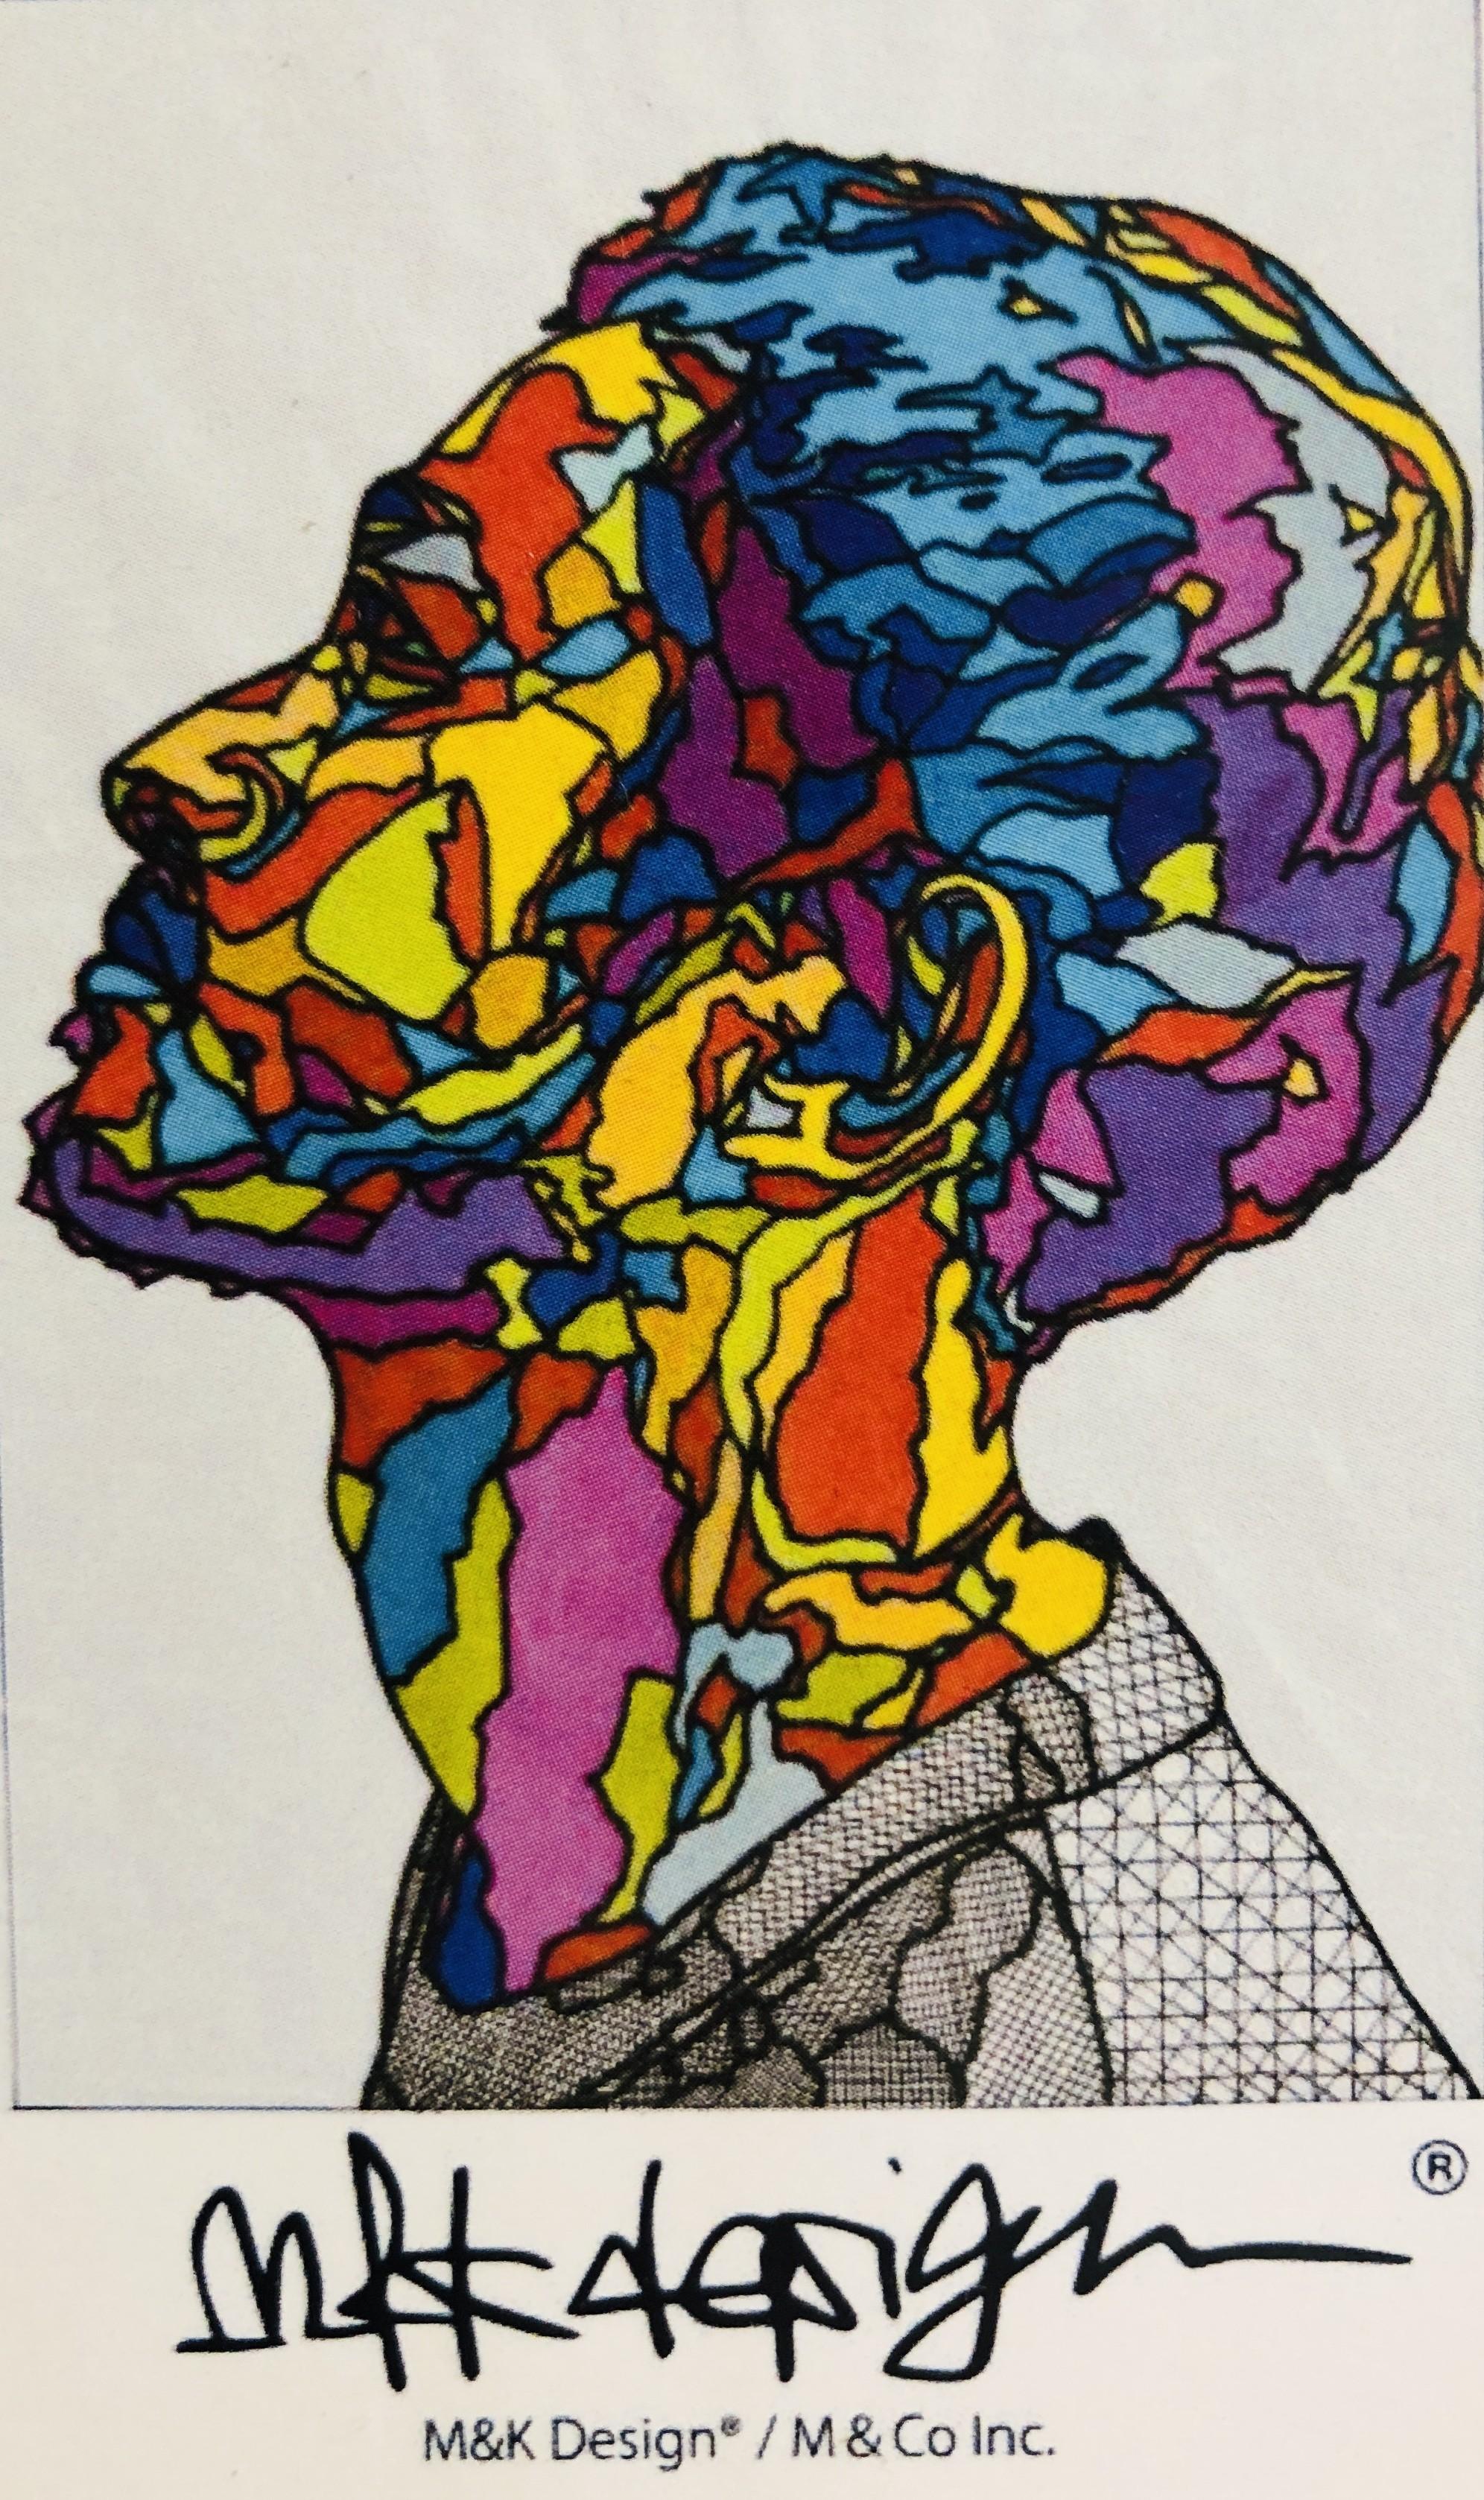 天才的に鋭い色彩感覚 圧倒される人物画